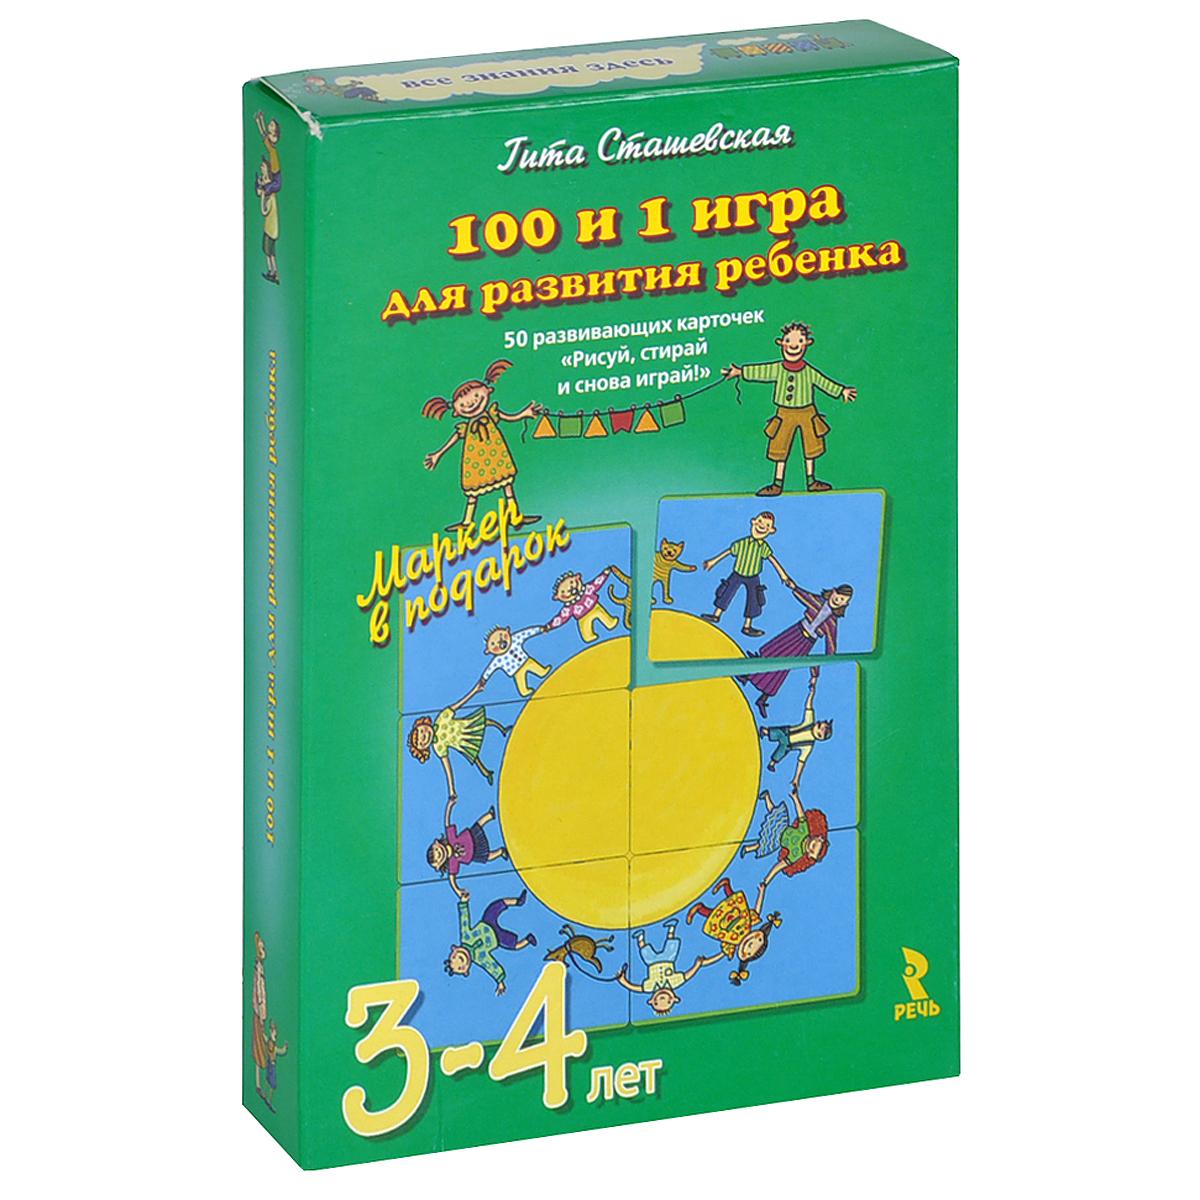 100 и 1 игра для развития ребенка 3-4 лет (набор из 50 карточек + маркер)1229640750 развивающих карточек для детей, которые - помогут развить мышление, речь, память и мелкую моторику; - подготовят к обучению в школе; - научат быть усидчивым, внимательным, находчивым и логичным; - дадут возможность родителям и воспитателям с пользой и удовольствием занять ребенка. Набор состоит из 50 многоразовых карточек Рисуй, стирай и снова играй! и маркера. Набор можно использовать как пазл - на обороте каждой карточки есть цветное изображение - часть пазла. Размер одной карточки: 9,5 см х 15,5 см. Цвет чернил маркера: синий. Размер маркера: 13,5 см х 1,5 см х 1,5 см. Набор упакован в картонную коробку. Размер коробки: 16 см х 11 см х 2 см.